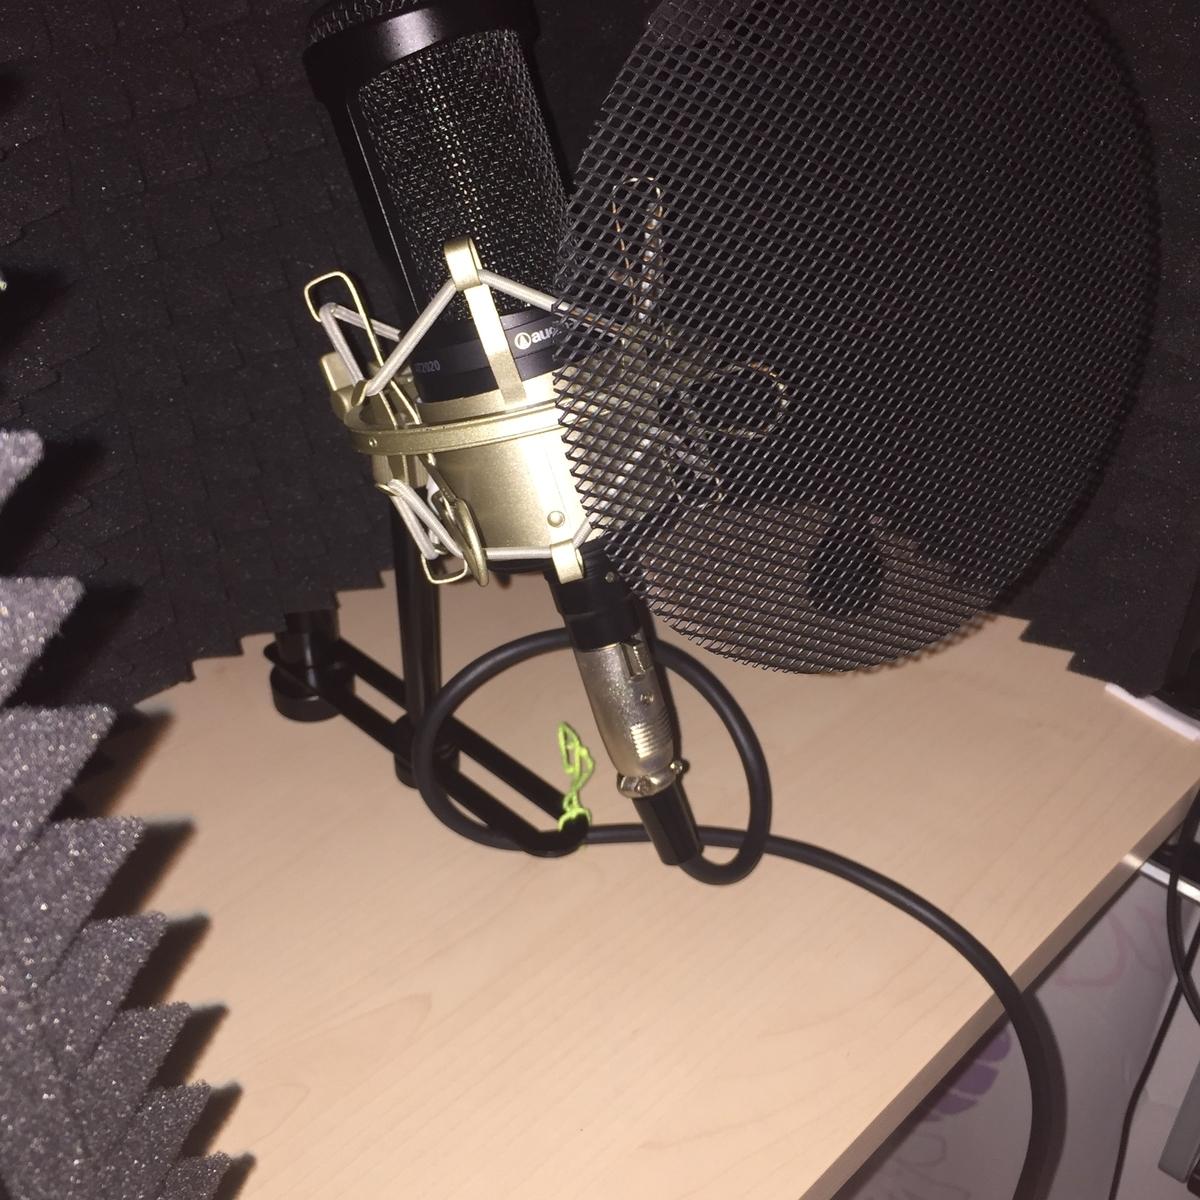 スピーカー モニタリング ヘッドホン MIX 編集 宅録 音楽 機材 Cubase 歌ってみた 作詞 作曲 打ち込み DTM DAW